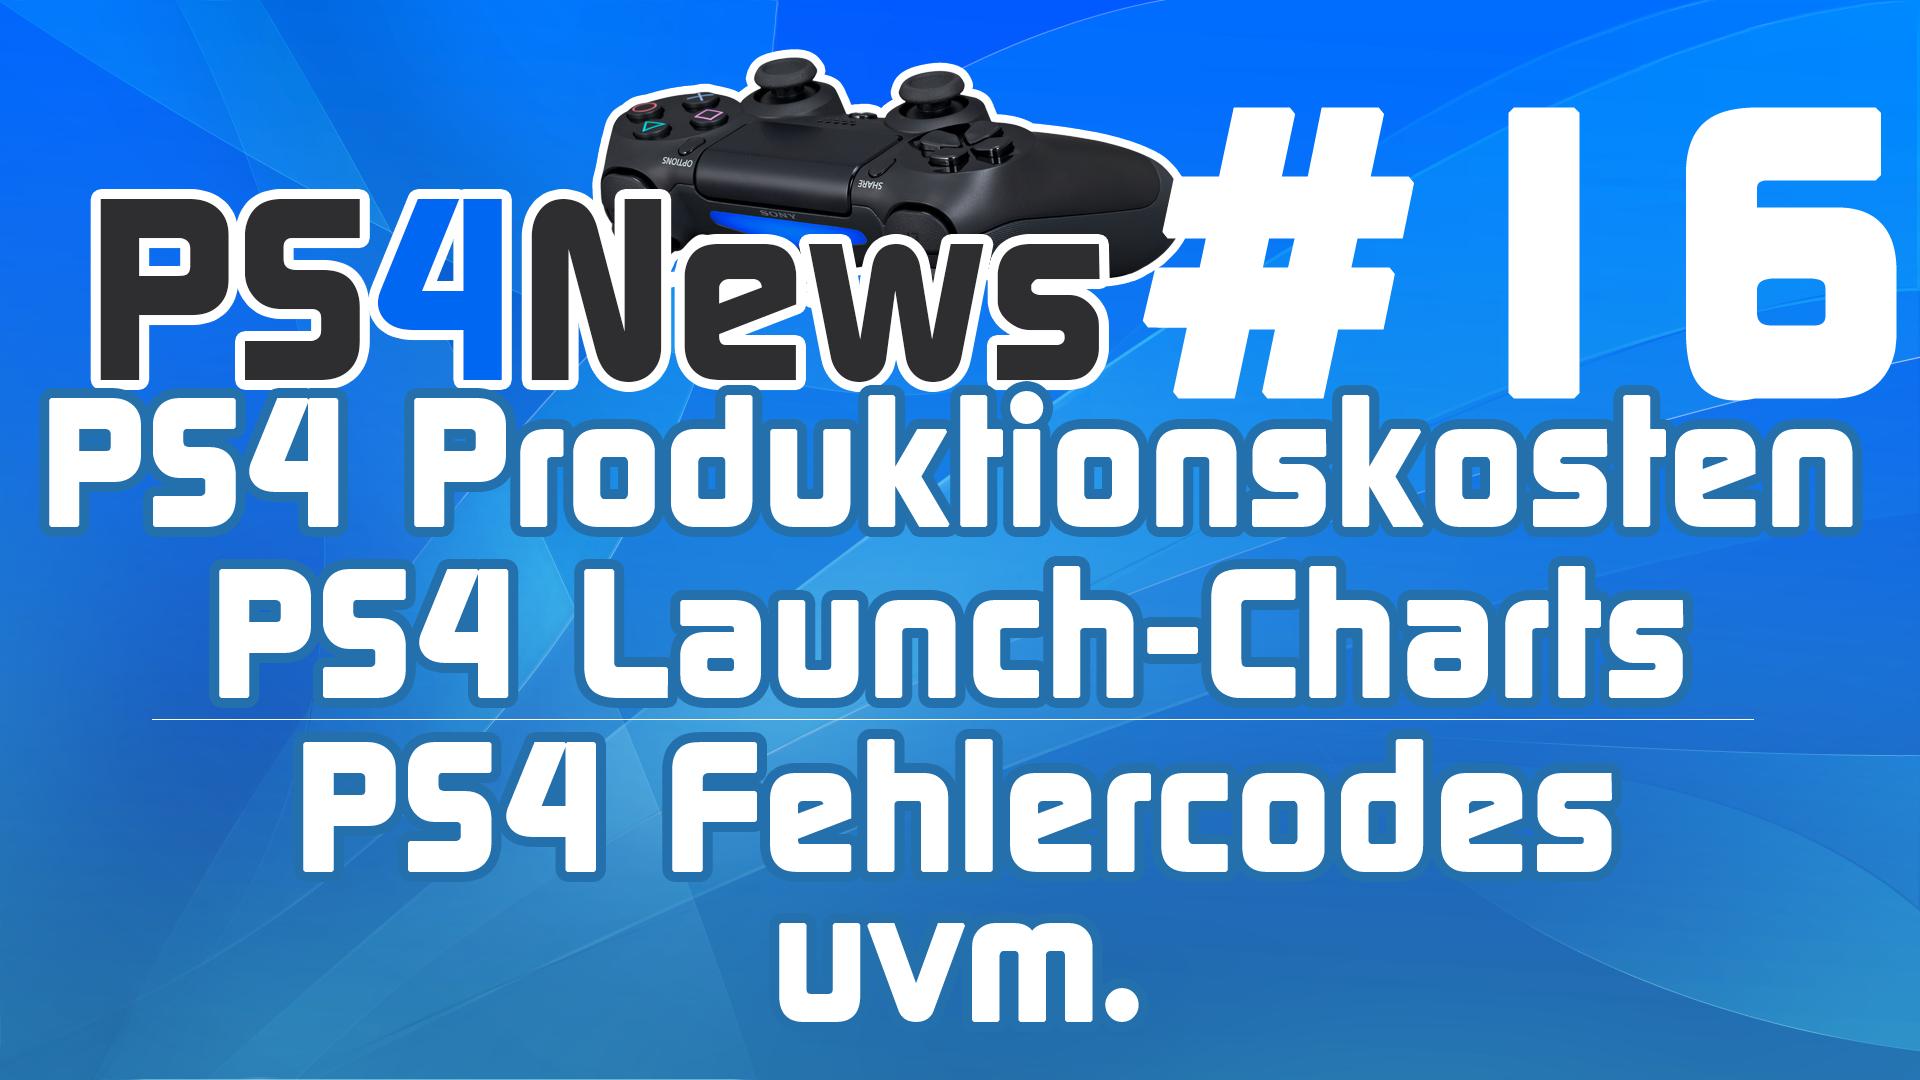 PS4 Produktionskosten, die Launch-Chart und Fehlercodes – Die PS4 News des Tages